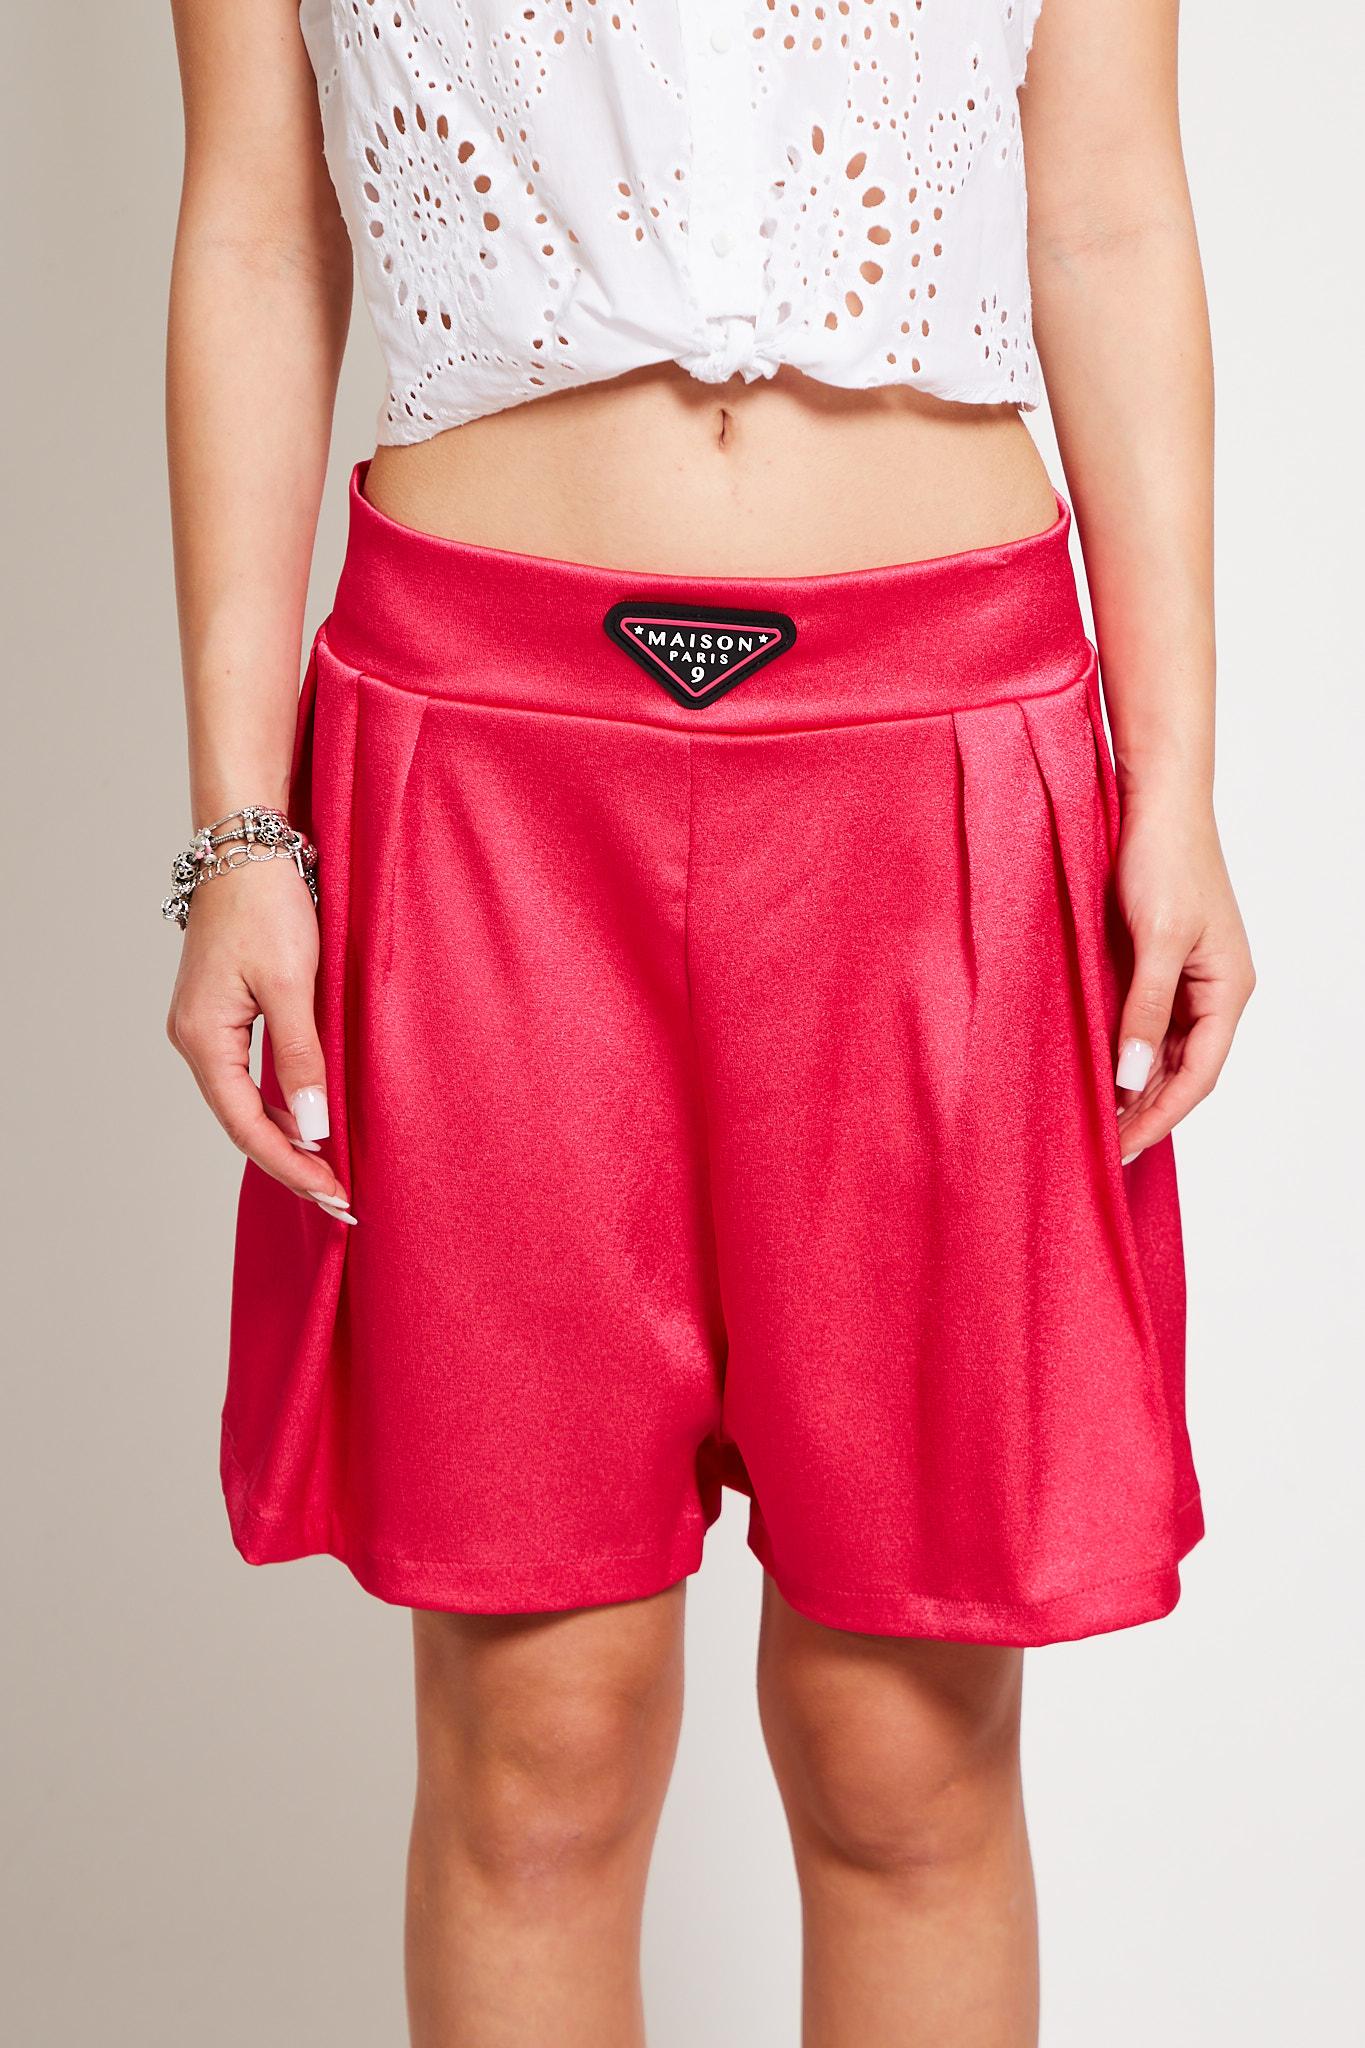 Shorts Maison 9 Paris MAISON 9 PARIS | Shorts | S556FUXIA